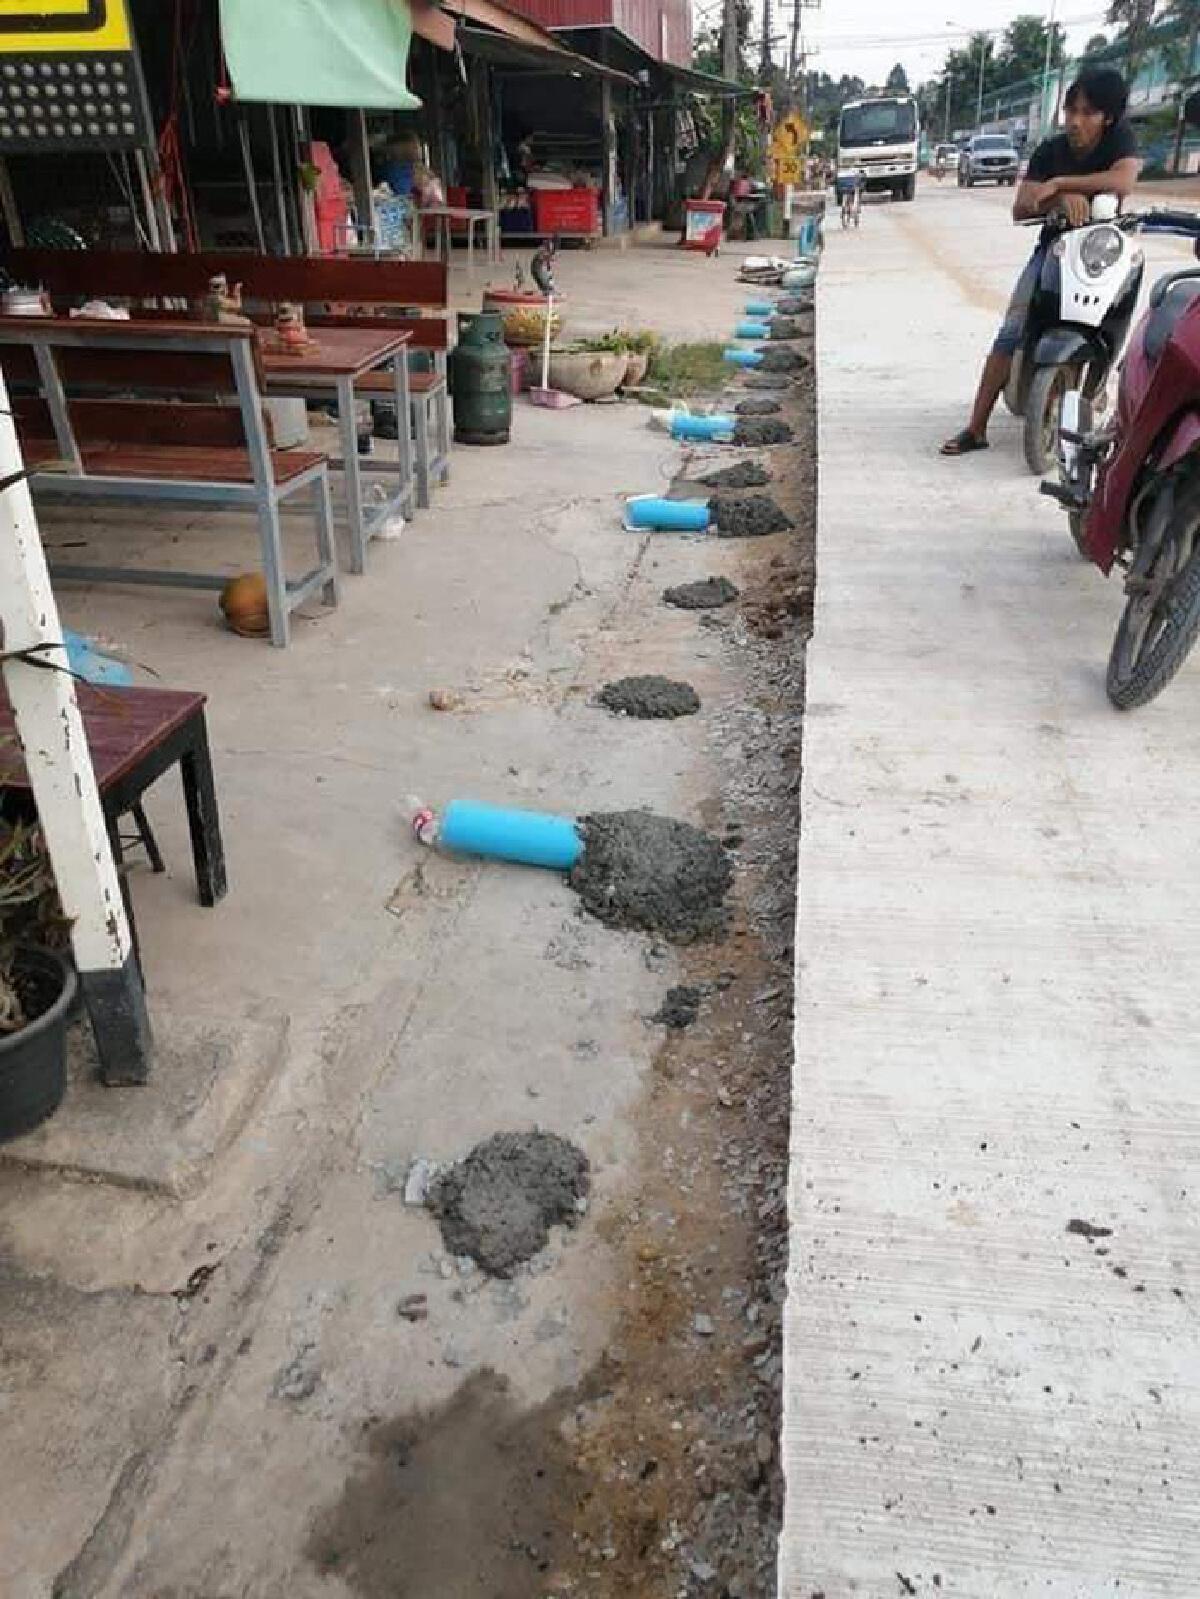 ชาวบ้านปวดขมับ แฉภาพ ท่อระบายน้ำทิพย์ ระยะทางก่อสร้าง 1 กม. งบประมาณ 10 ล้าน